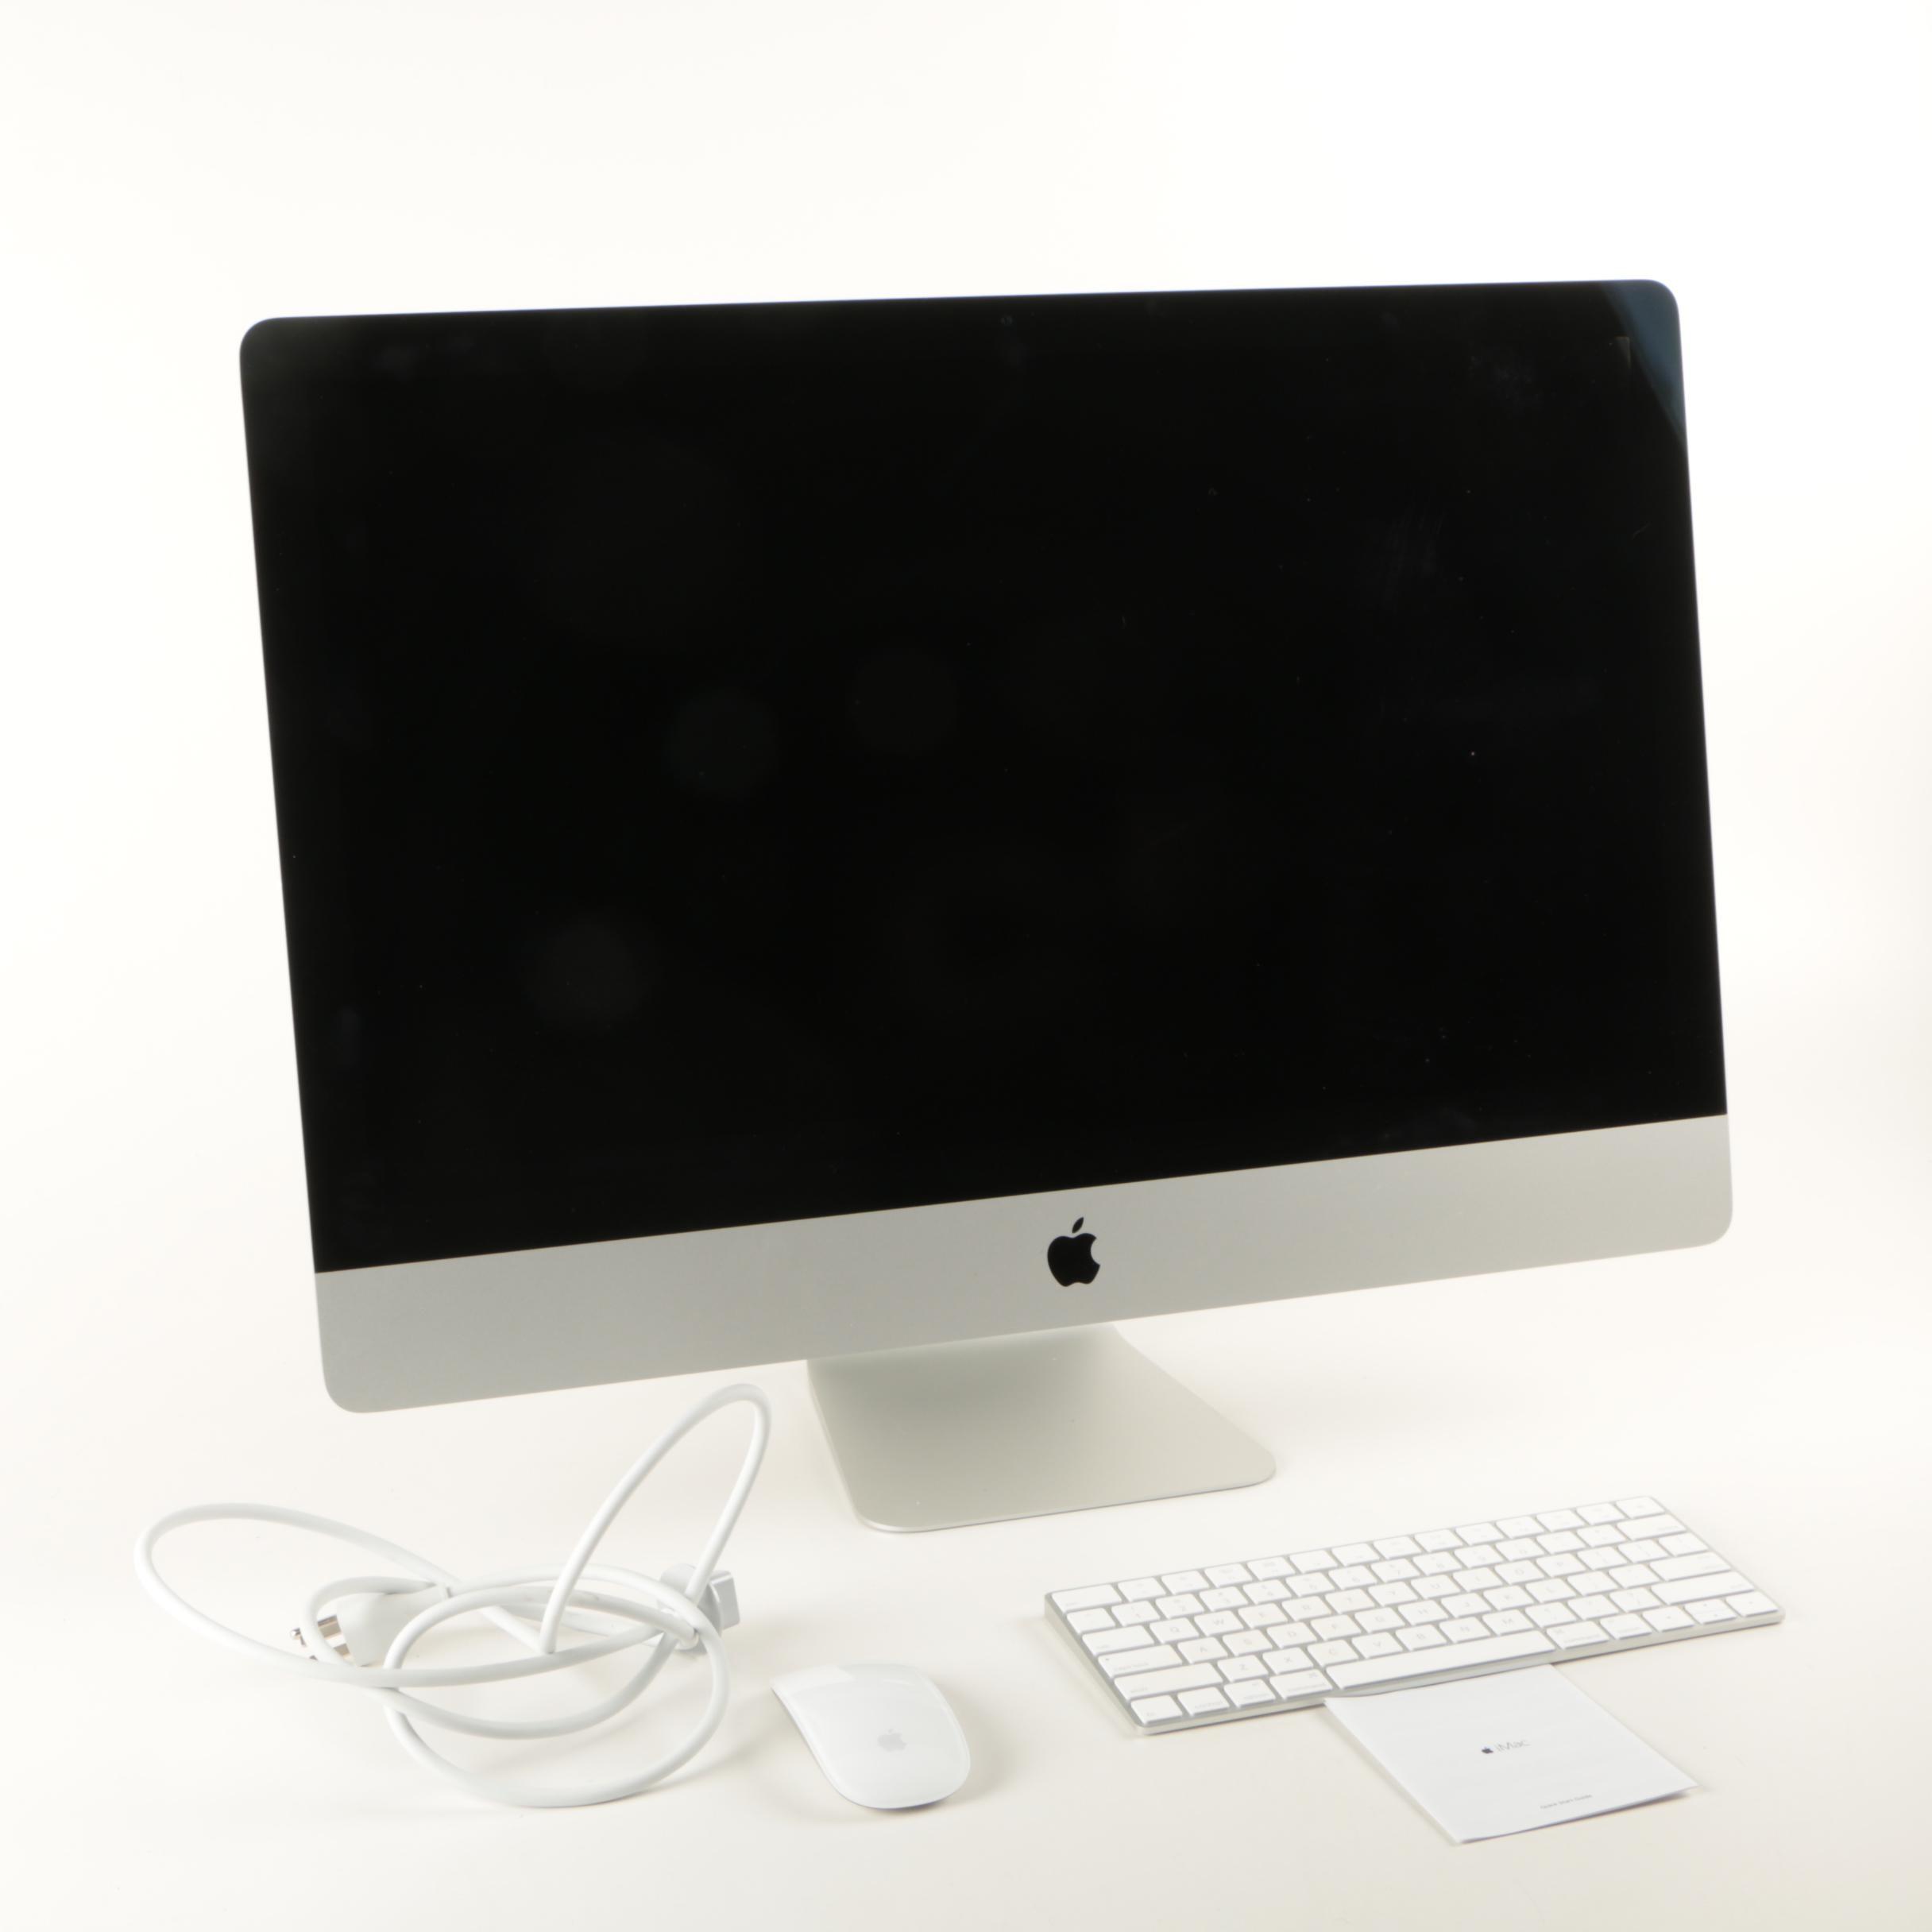 iMac Monitor Computer